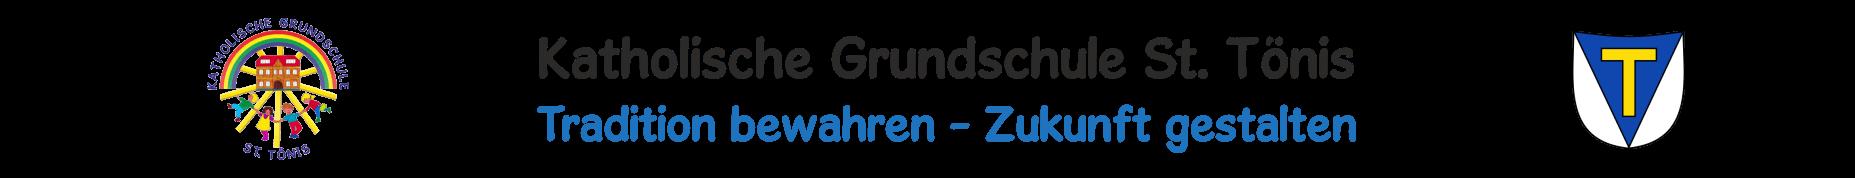 Header Logo mit Stadtwappen